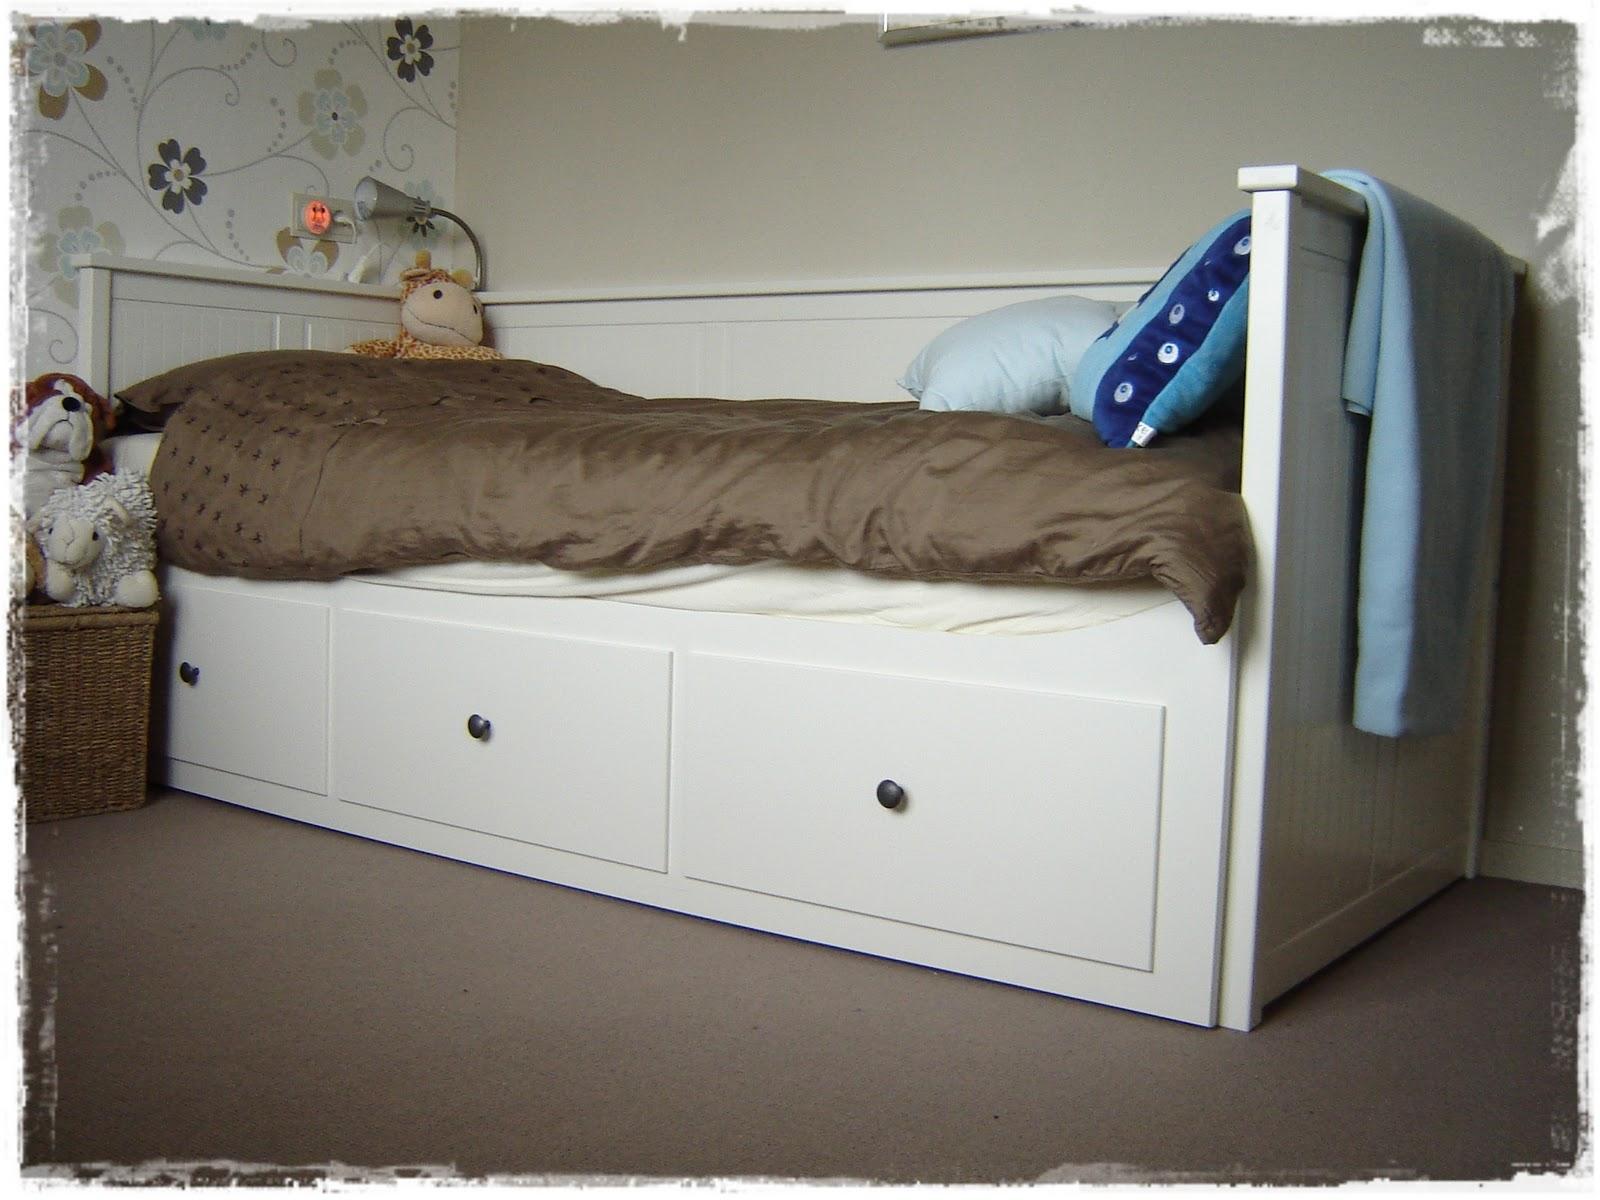 Winkel van sinkel: mijn slaapkamer